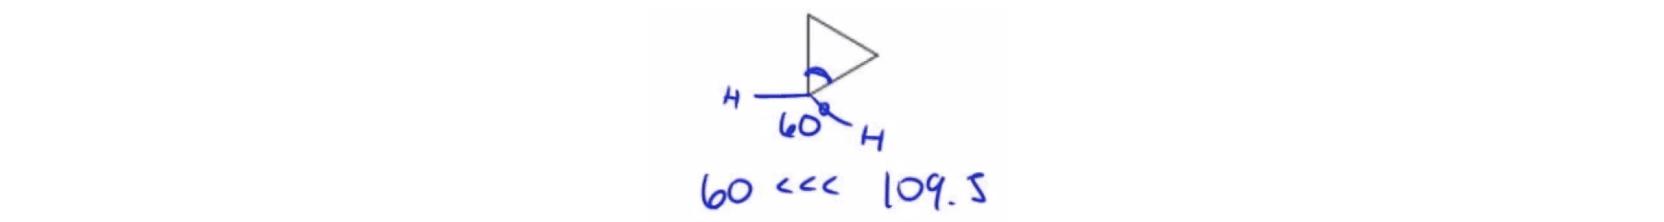 Cyclopropane Bond Angles